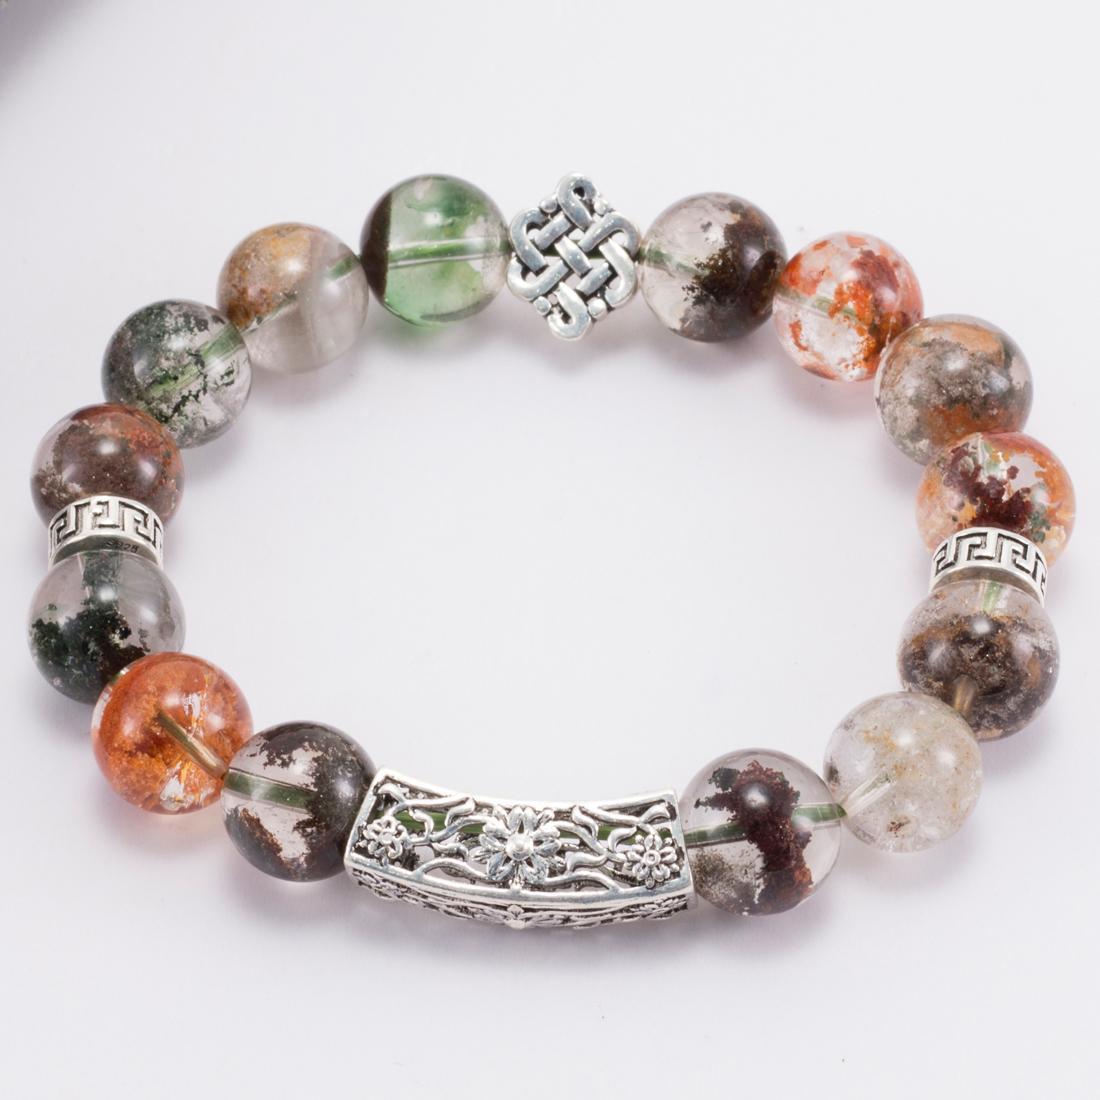 Vòng tay đá Thạch Anh Ưu Linh Đa Sắc Phối Kết Đồng Tâm Bạc 12mm - Ngọc Quý Gemstones